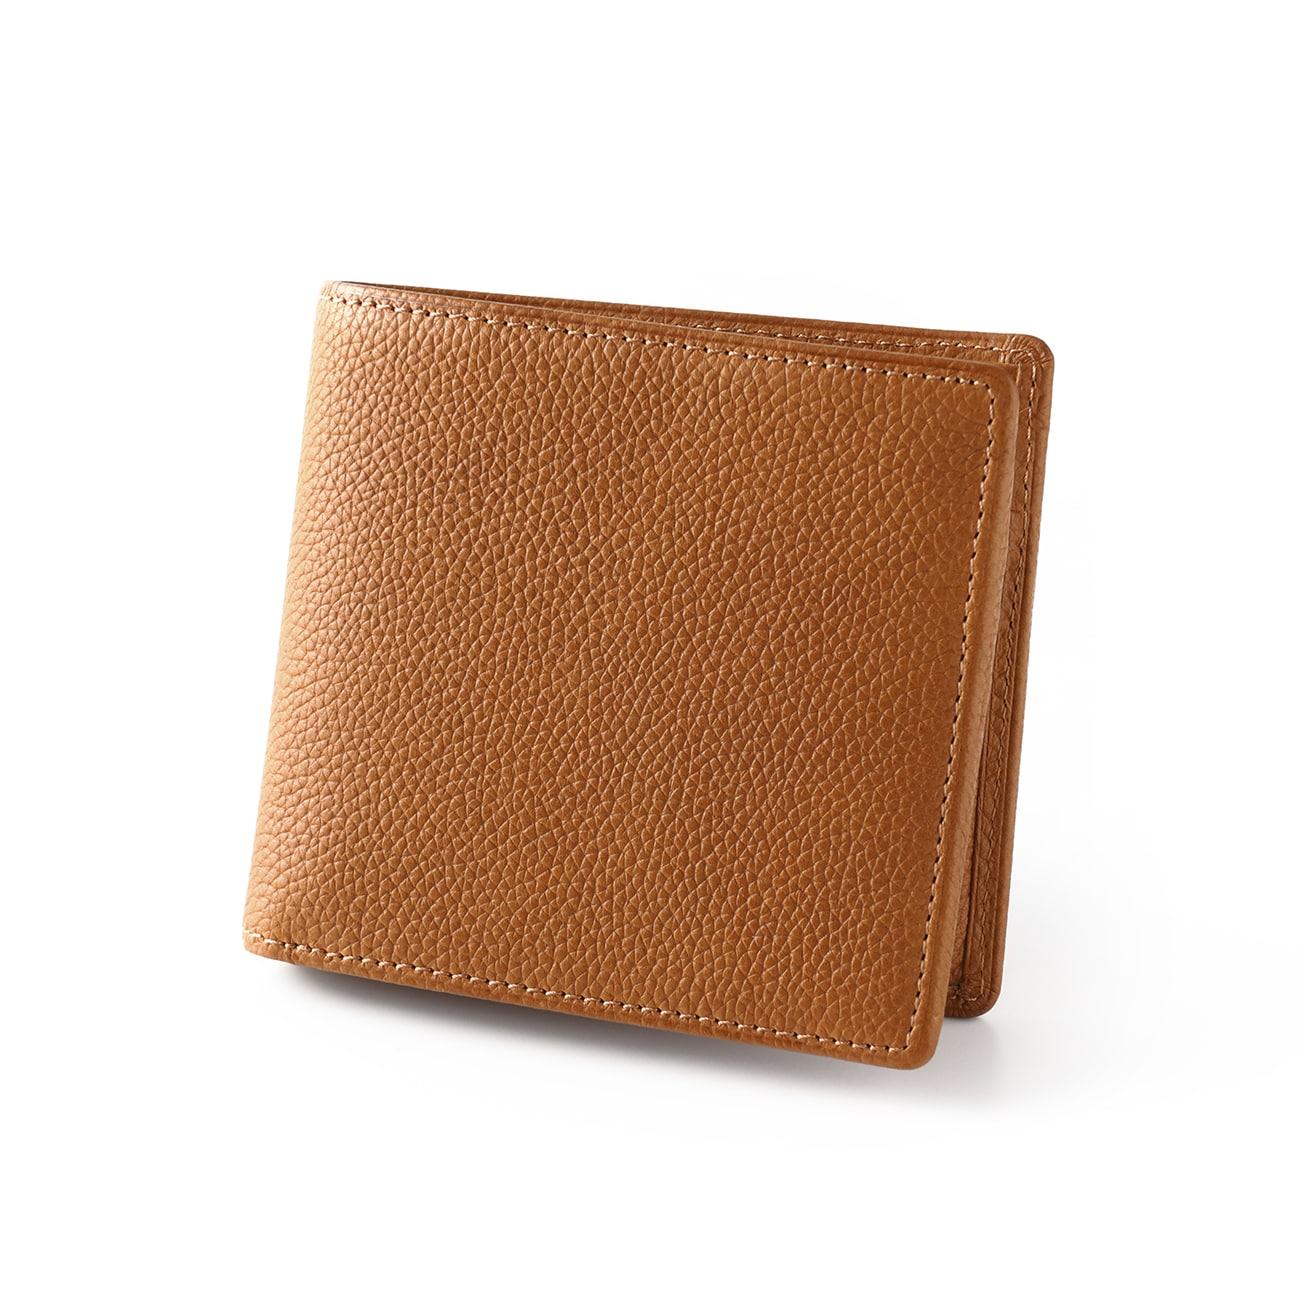 FE-22 フェル二つ折り財布